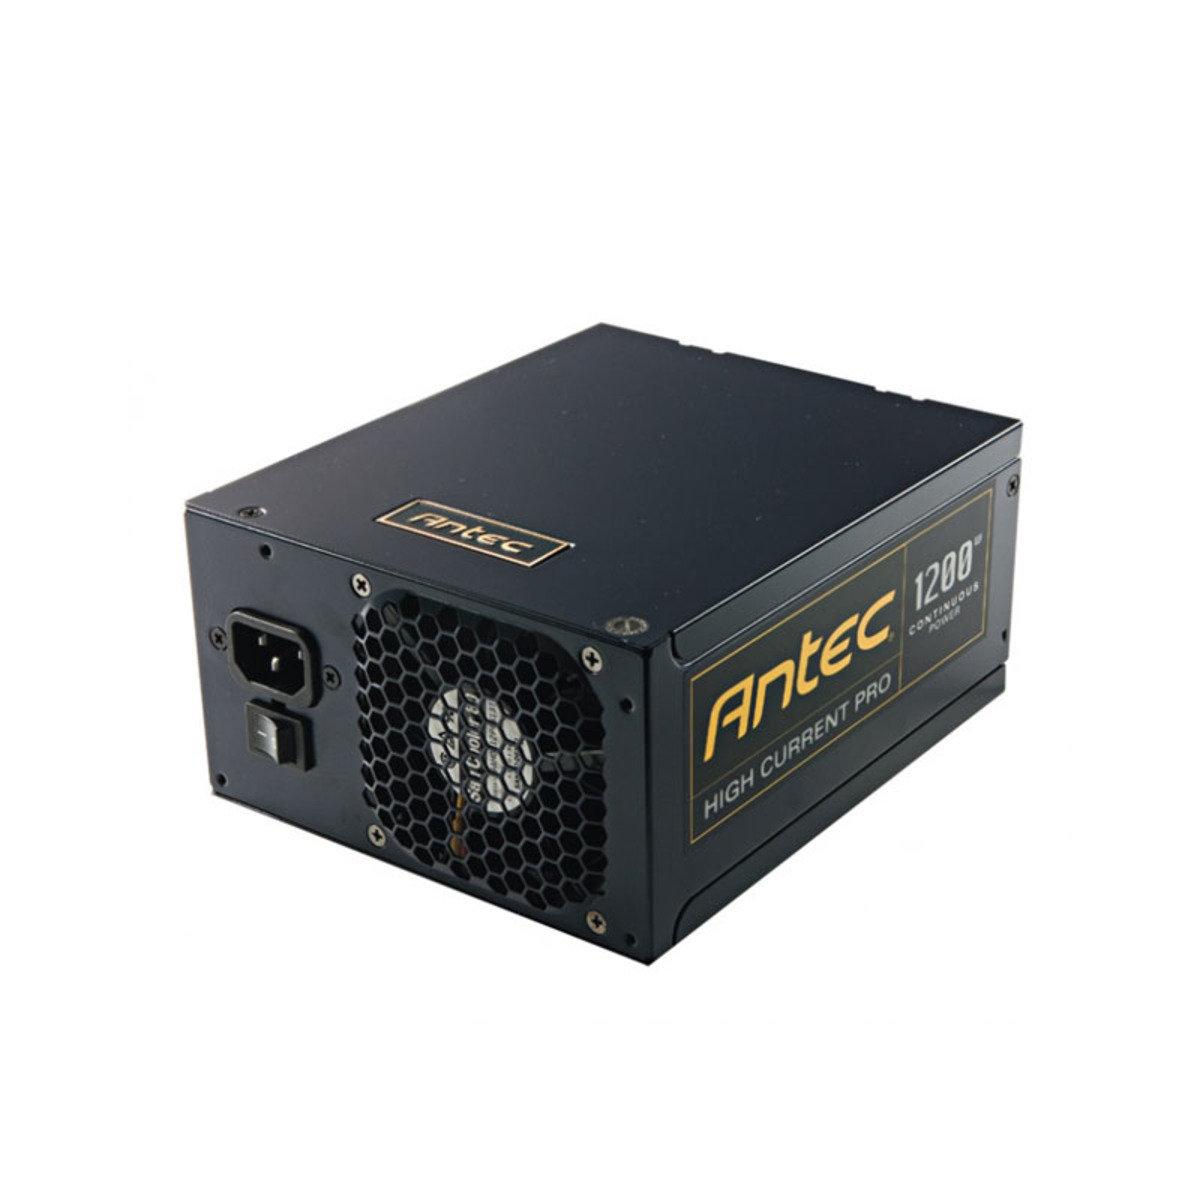 80Plus金認證 高階玩家級 1200w電腦變壓器 HCP-1200